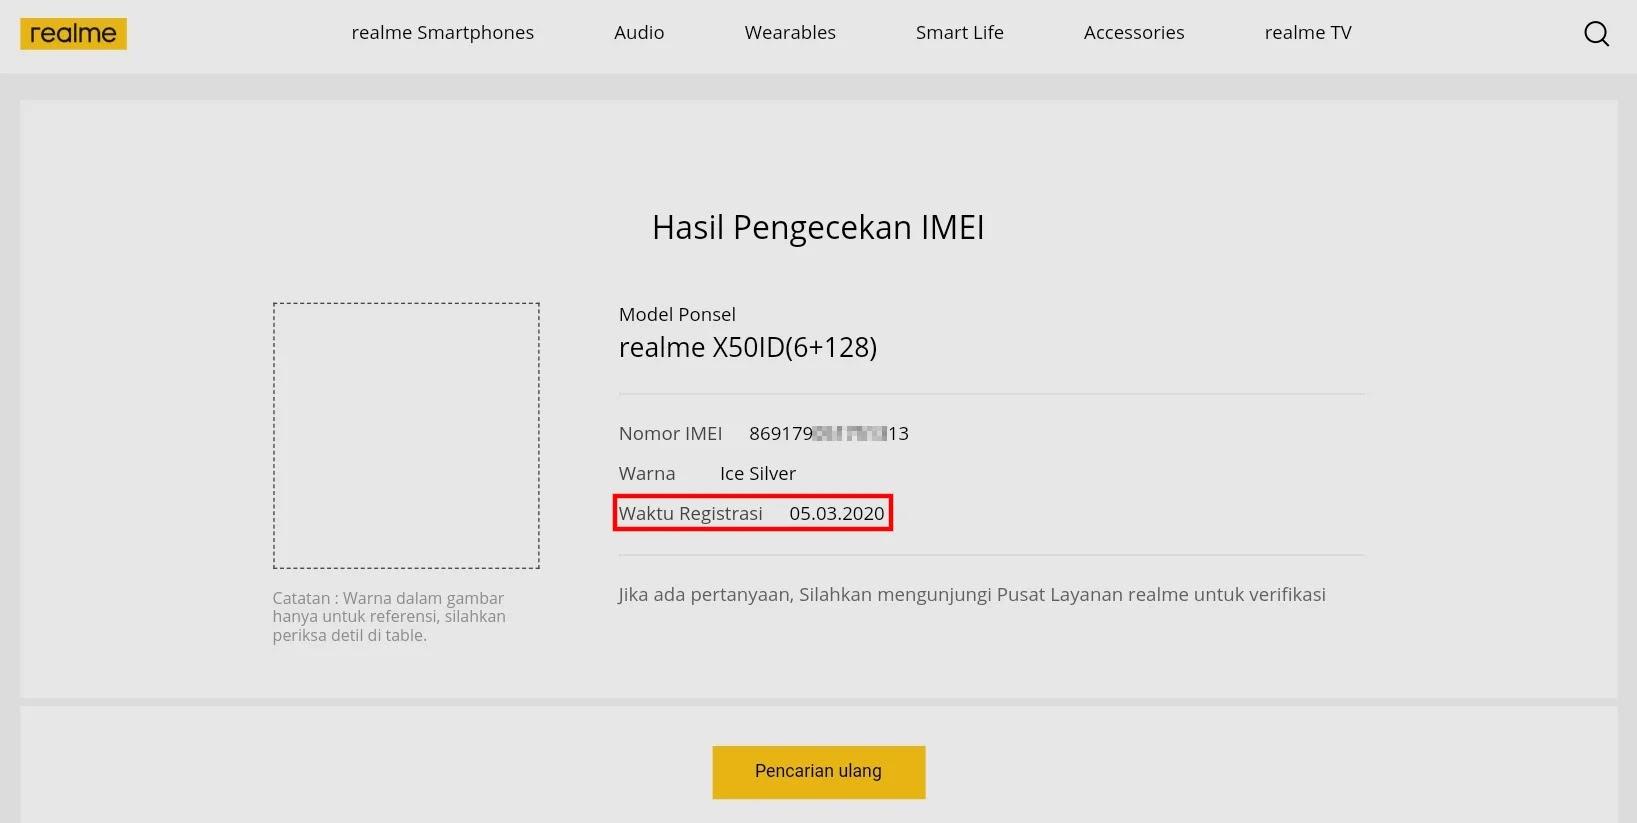 Cara Cek Garansi Realme Online Indonesia Hanya Dengan IMEI